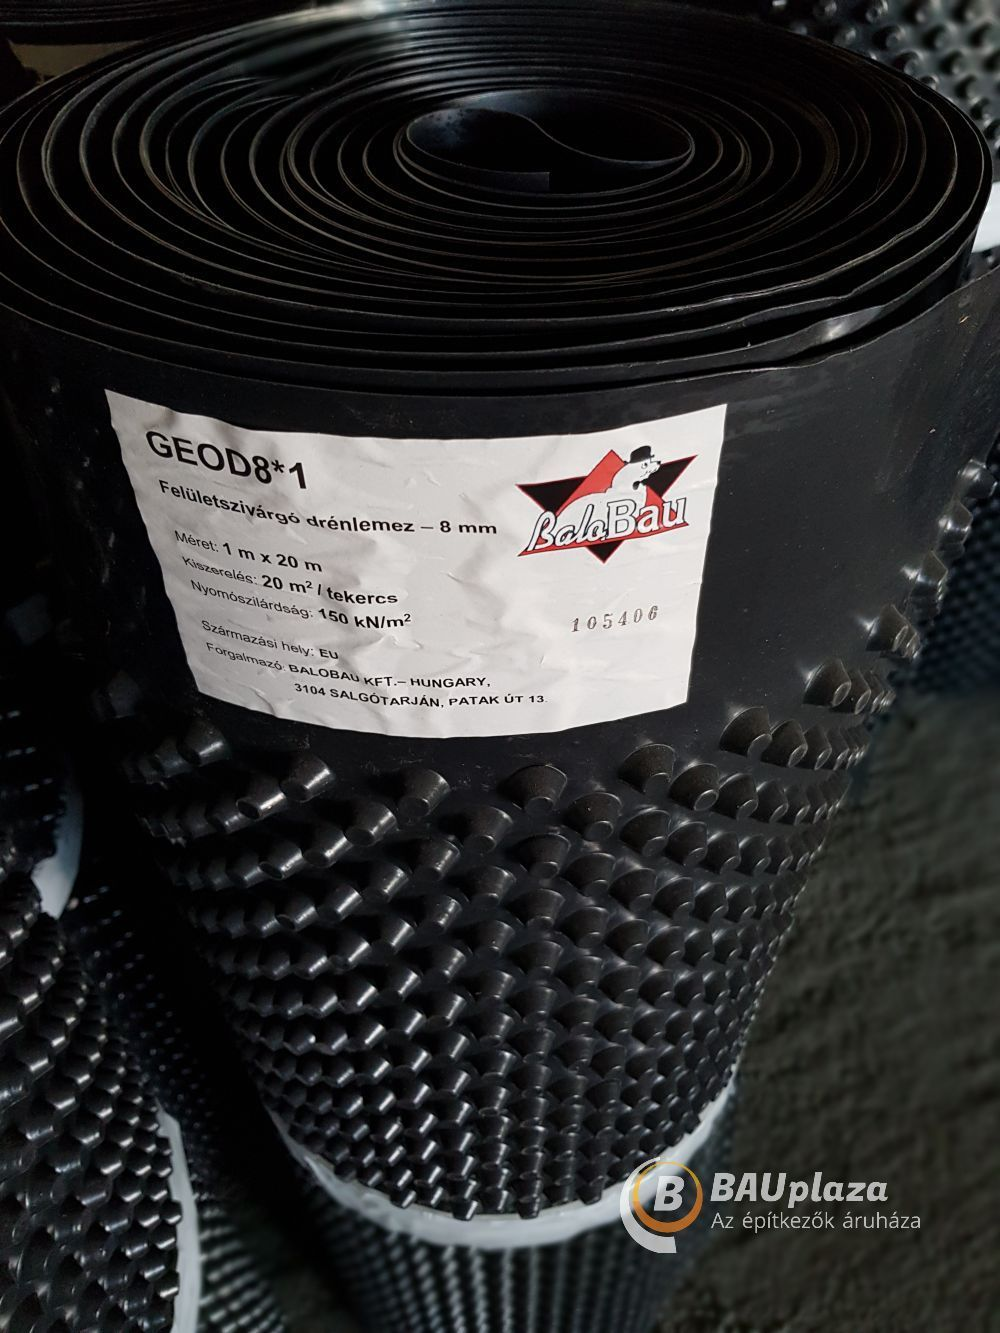 Felületszivárgó lemez 8 mm 2x20m 40 m2/tek. 400g/m2 (drénlemez) BAUplaza Kft.